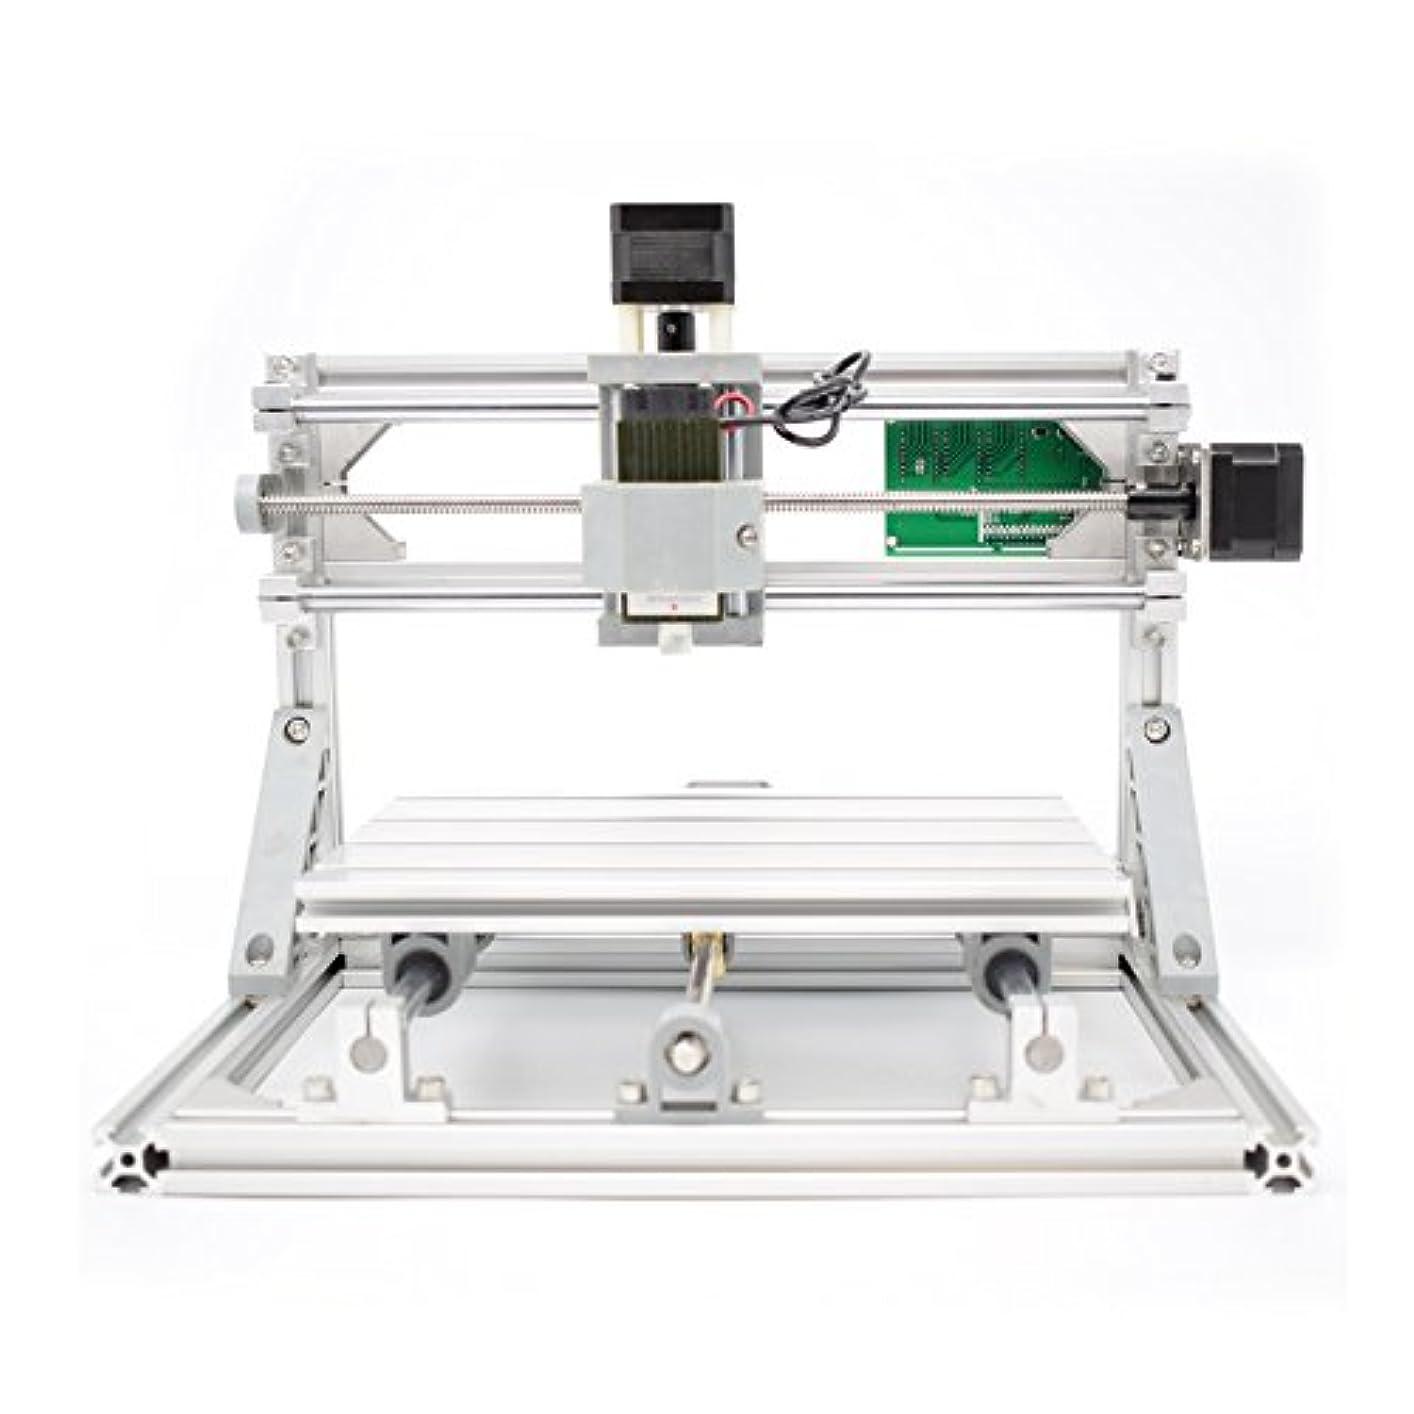 しなやかしなやか母DiY CNC 2-IN-1 CNCルータキット+ 5500mWレーザーCNC3018ミニフライスマシンのUSBデスクトップ彫刻機、木材、木工マーキングマシン 2イン1 CNCのルータキットCNC3018 + 5500mWレーザー彫刻 ミニPCBフライス盤、USBデスクトップ彫刻マーキングマシン、木材、木工